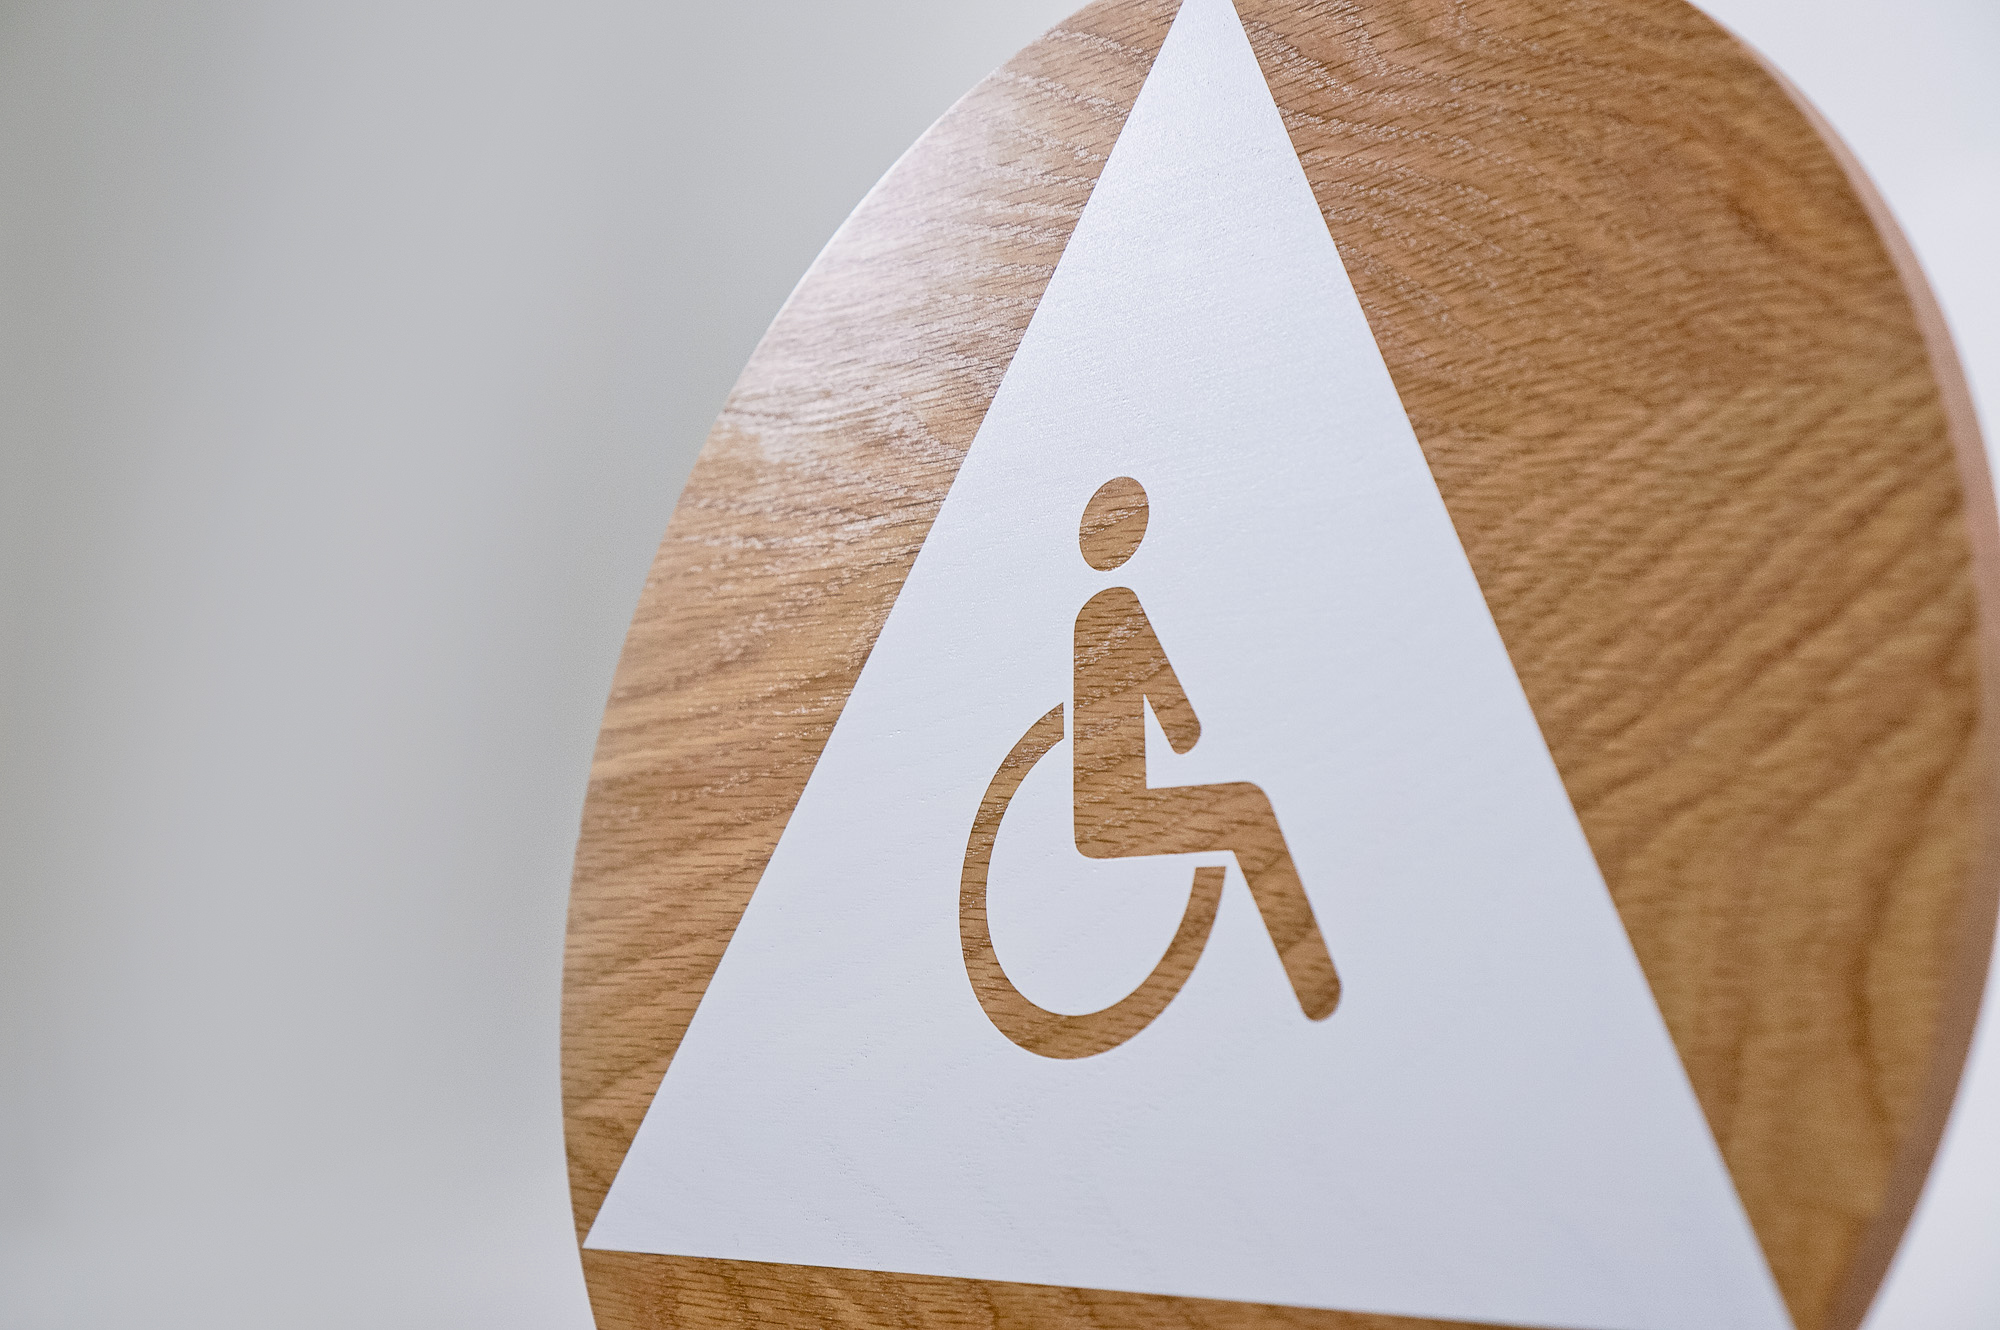 Slack modern wood and white restroom door sign